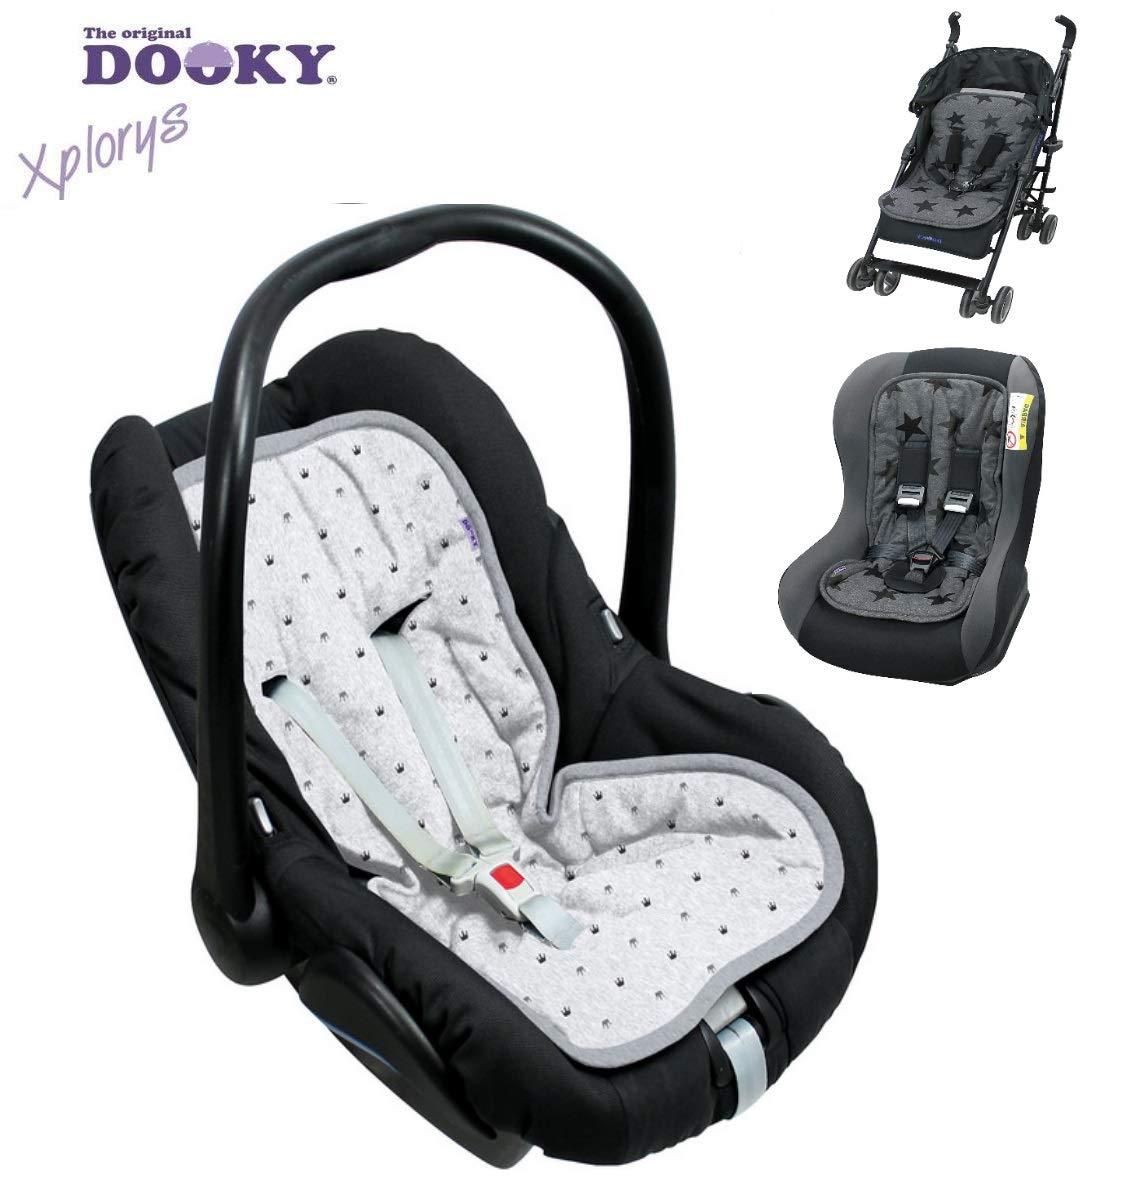 Dooky Coussin de siège 4 en 1 Universel pour nacelle, siège auto universel comme Maxi-Cosi, landau, poussette, transat, chaise haute etc.